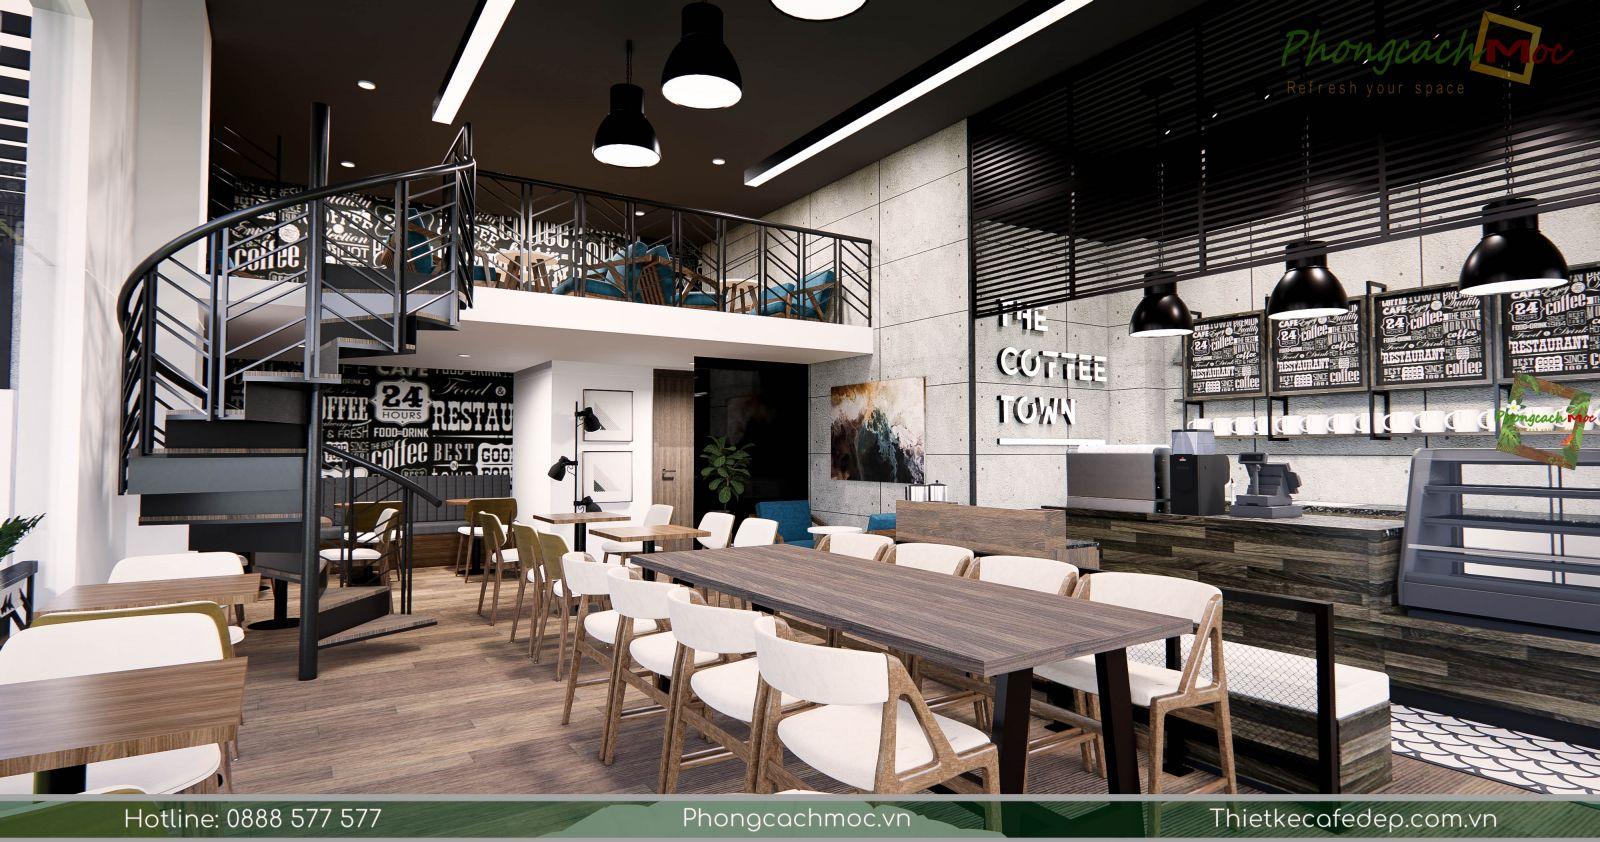 thiet-ke-quan-cafe-the-coffee-town-khong-gian-chinh-5